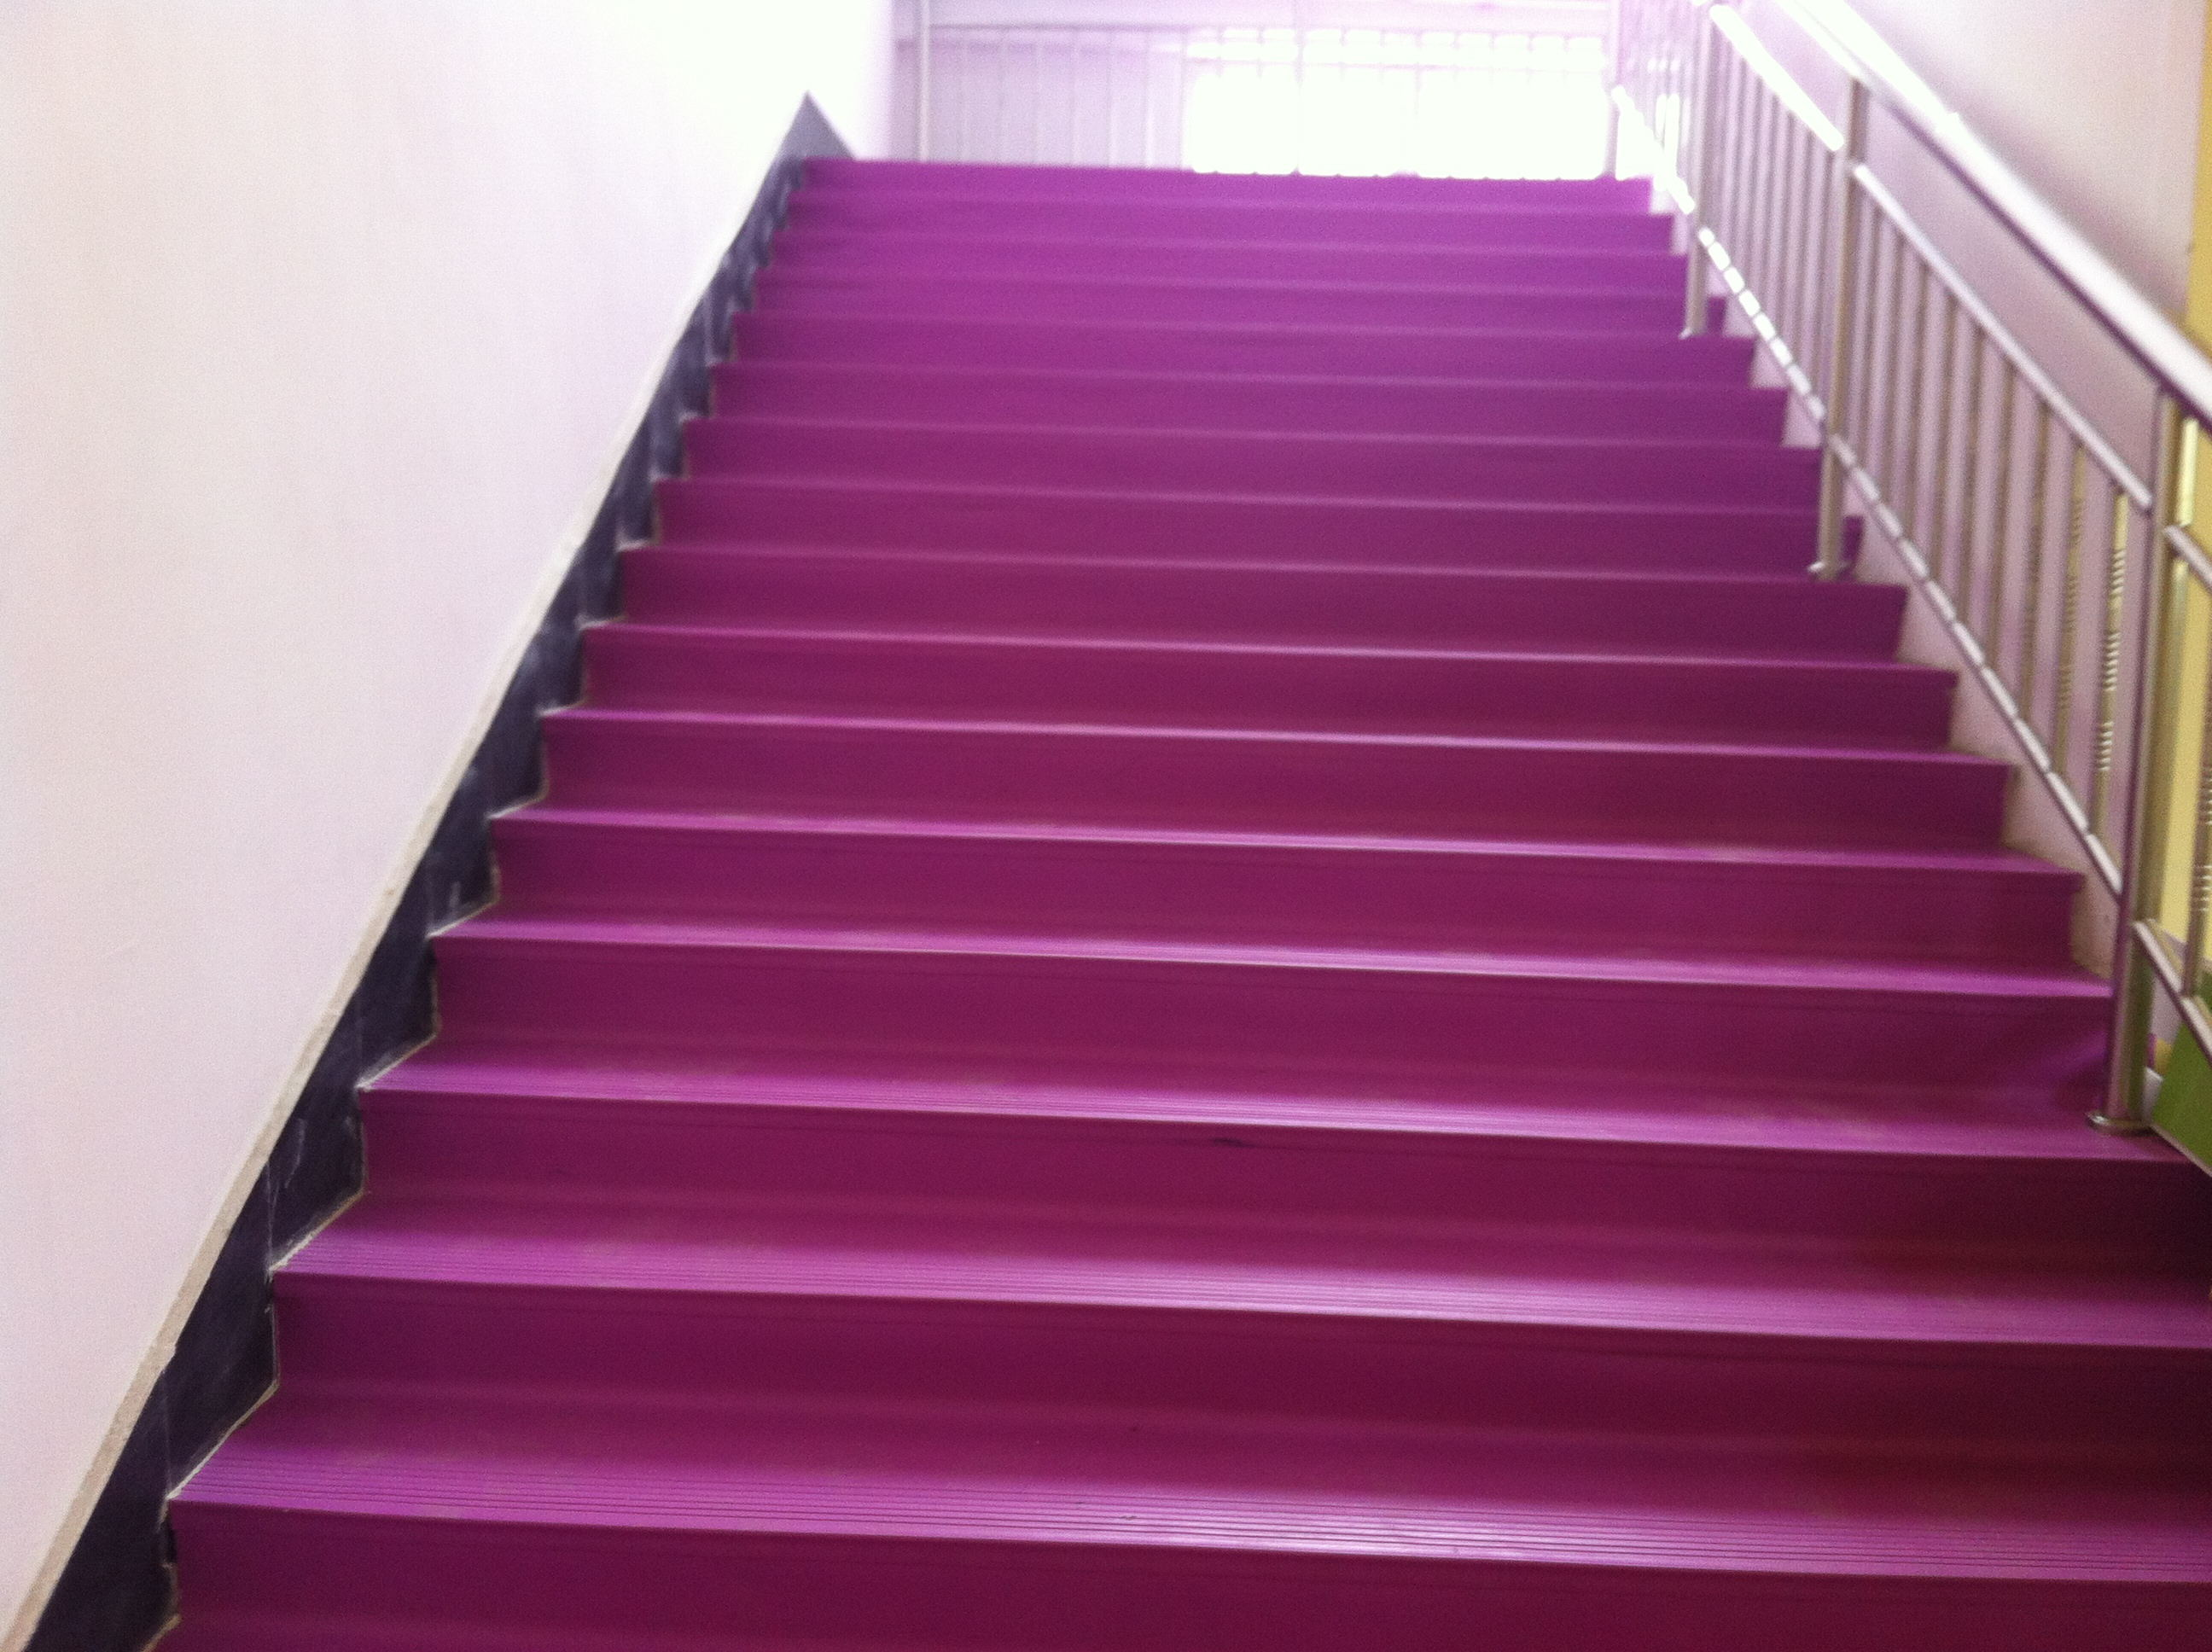 楼梯踏步批发 塑胶橡胶防滑楼梯踏步楼梯踏板